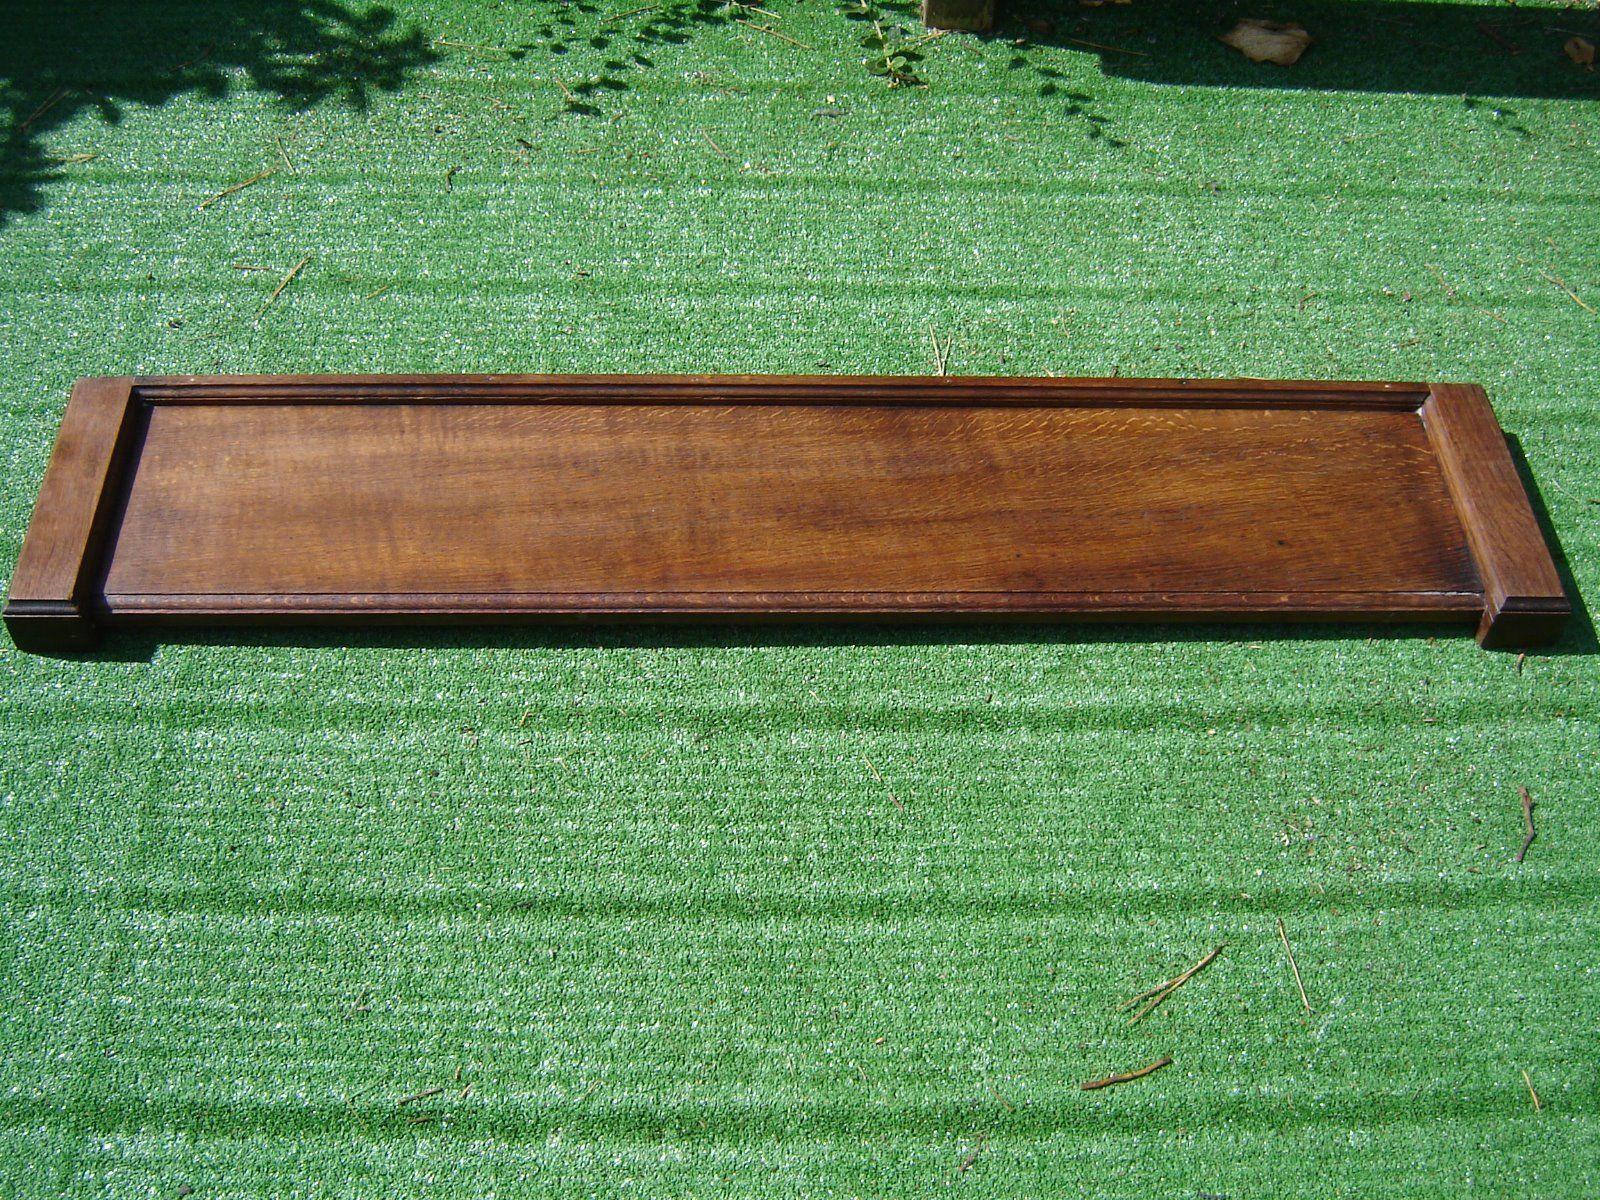 Victorian church oak shelf • £15.00 - PicClick UK